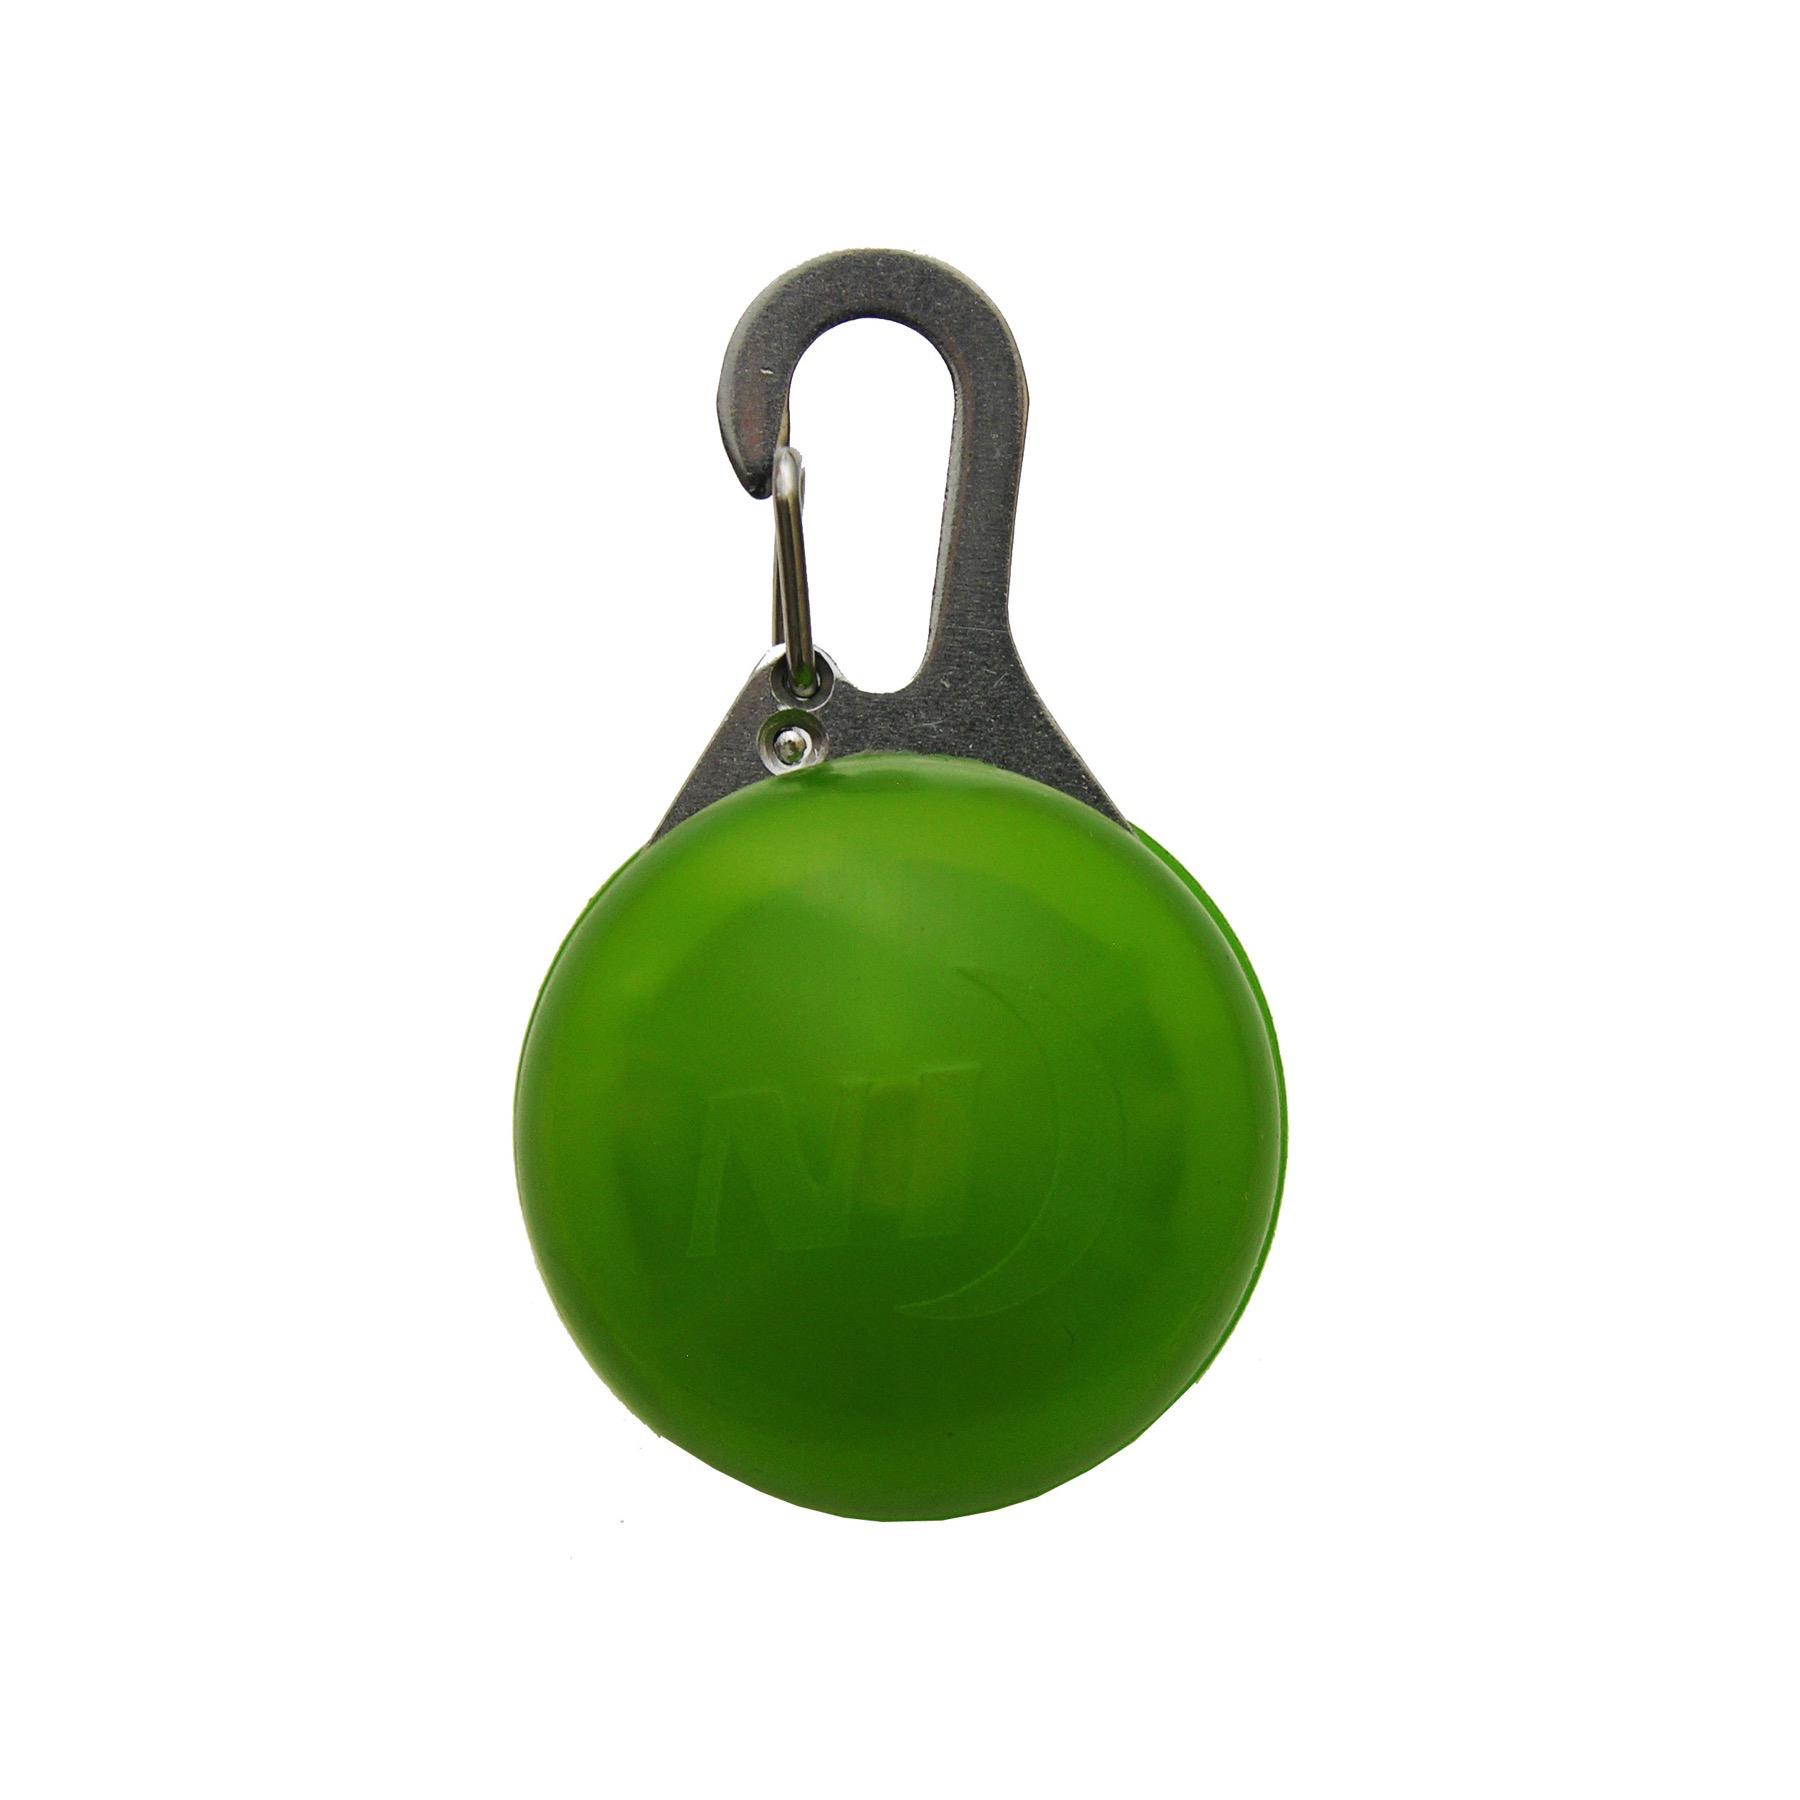 Nite Ize Spotlit Led Carabiner Light Lime Green W White